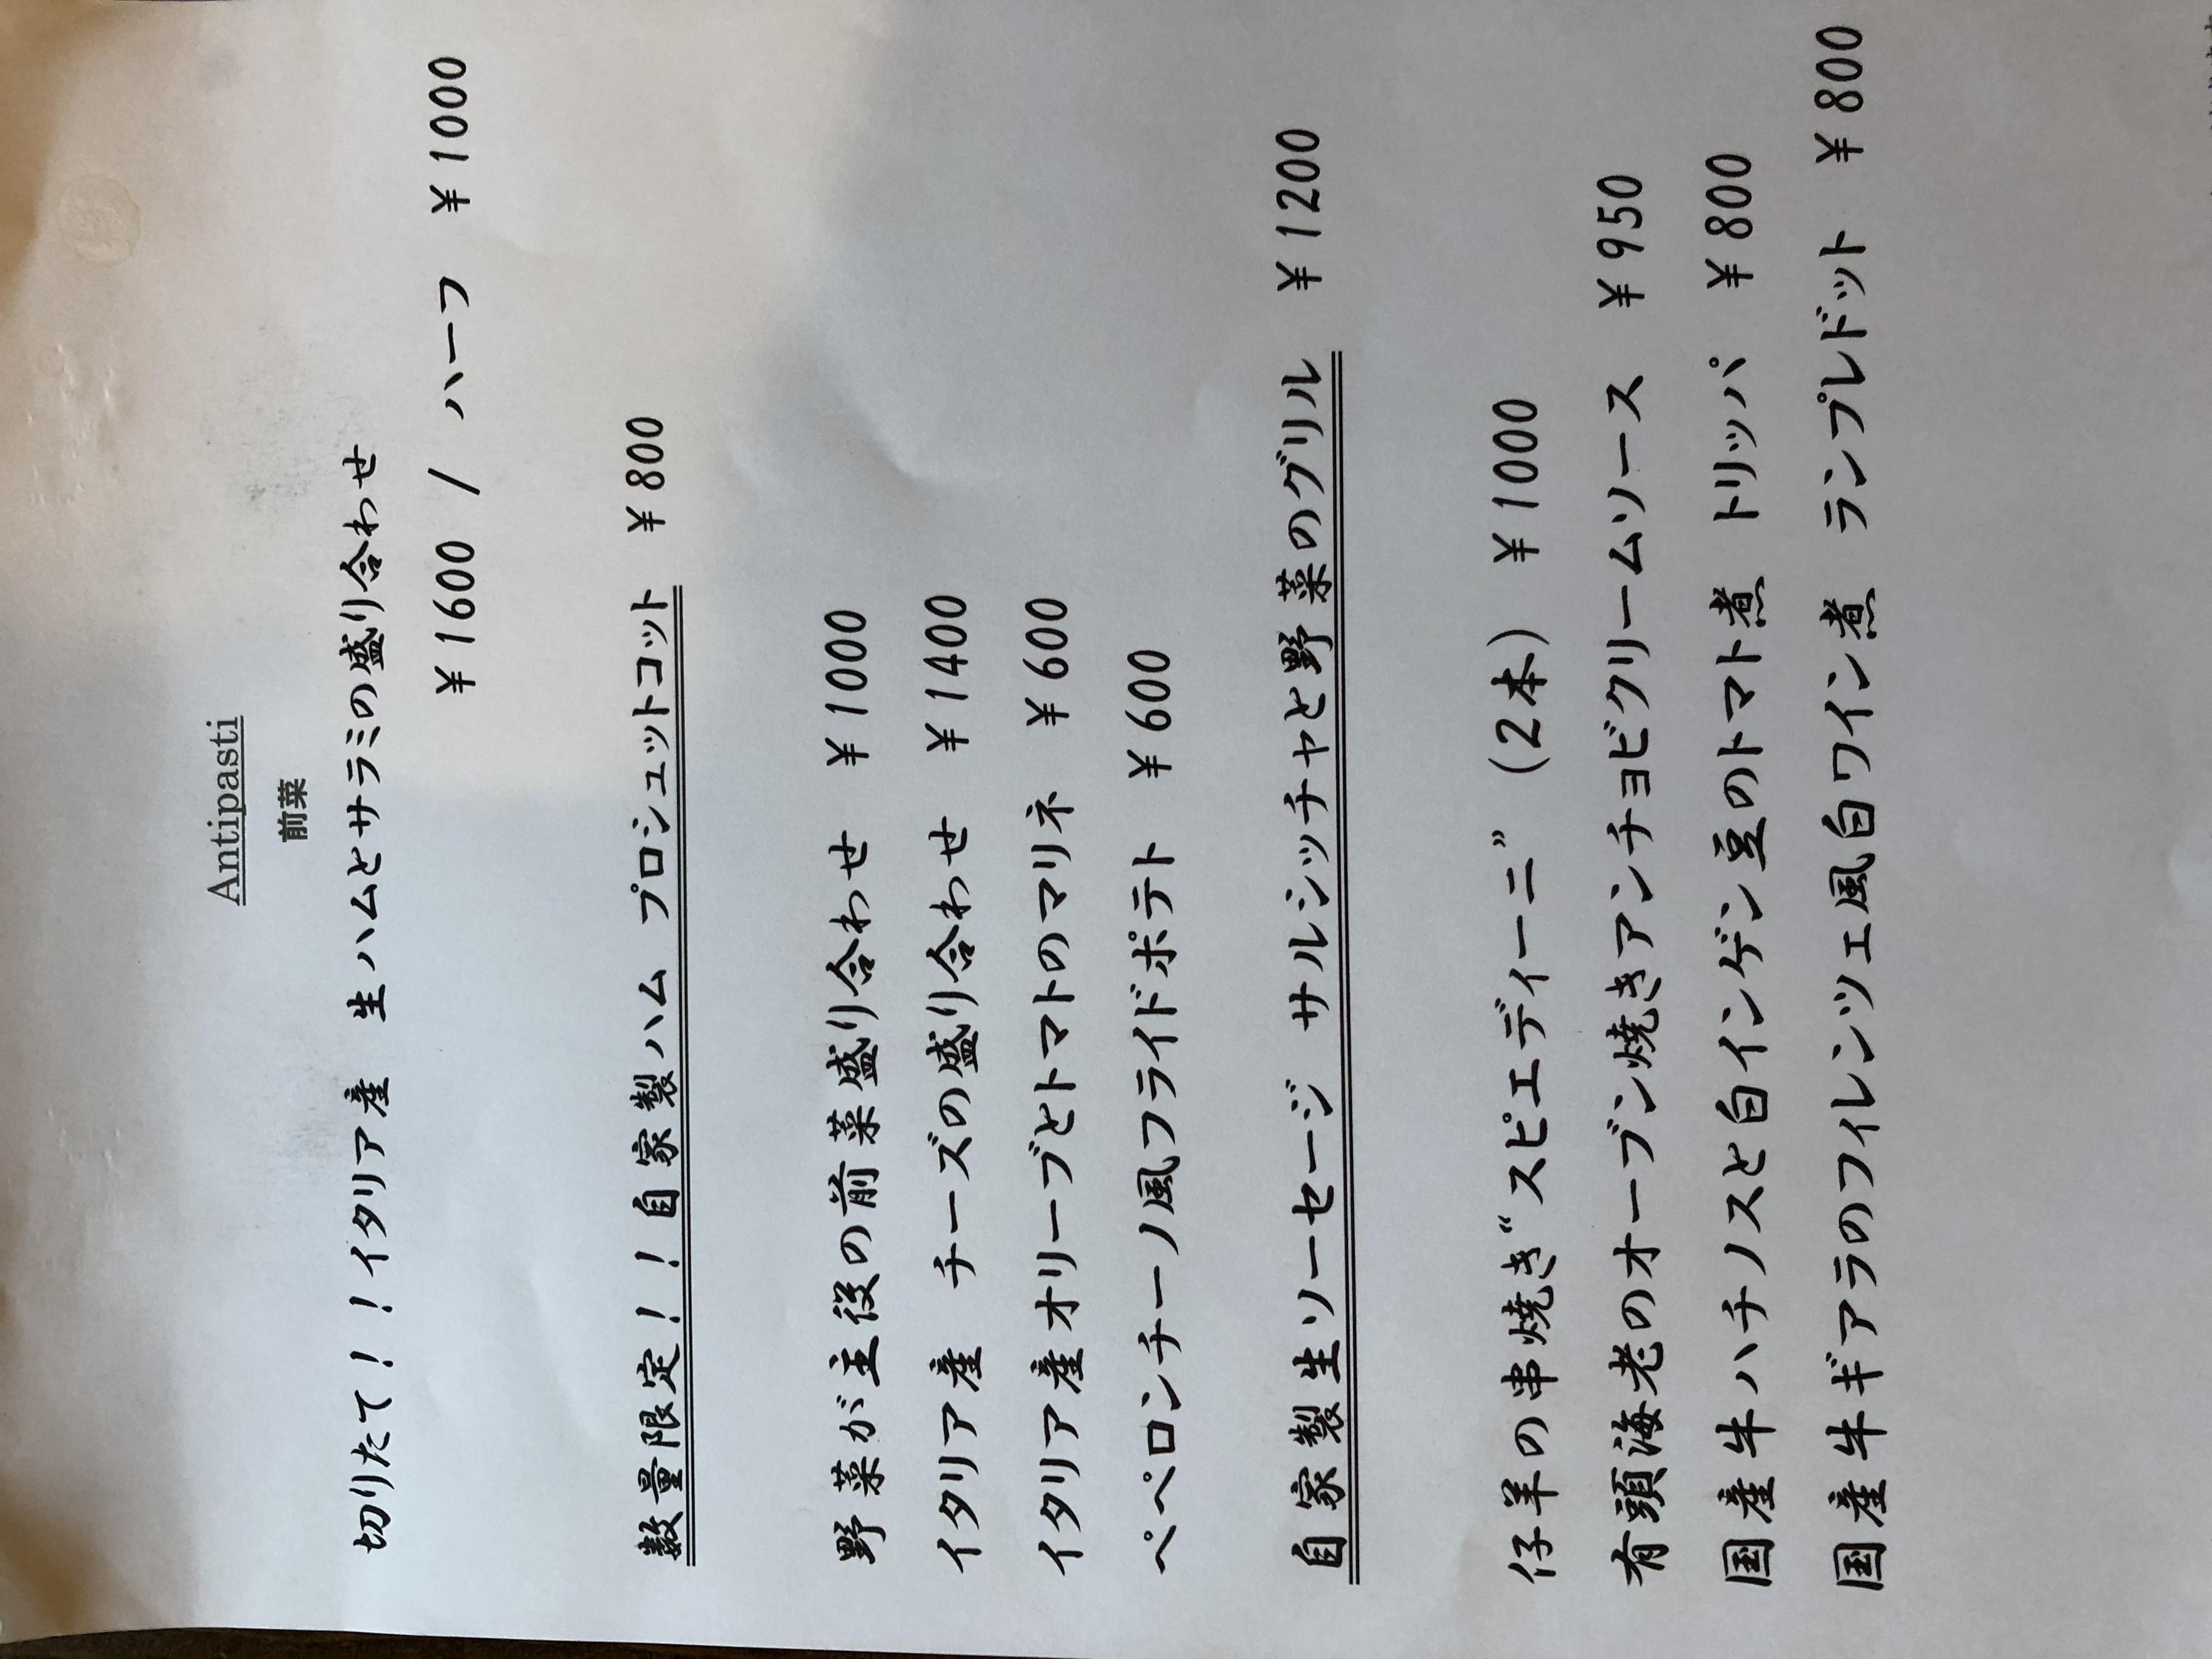 前菜 trattoria legami menu